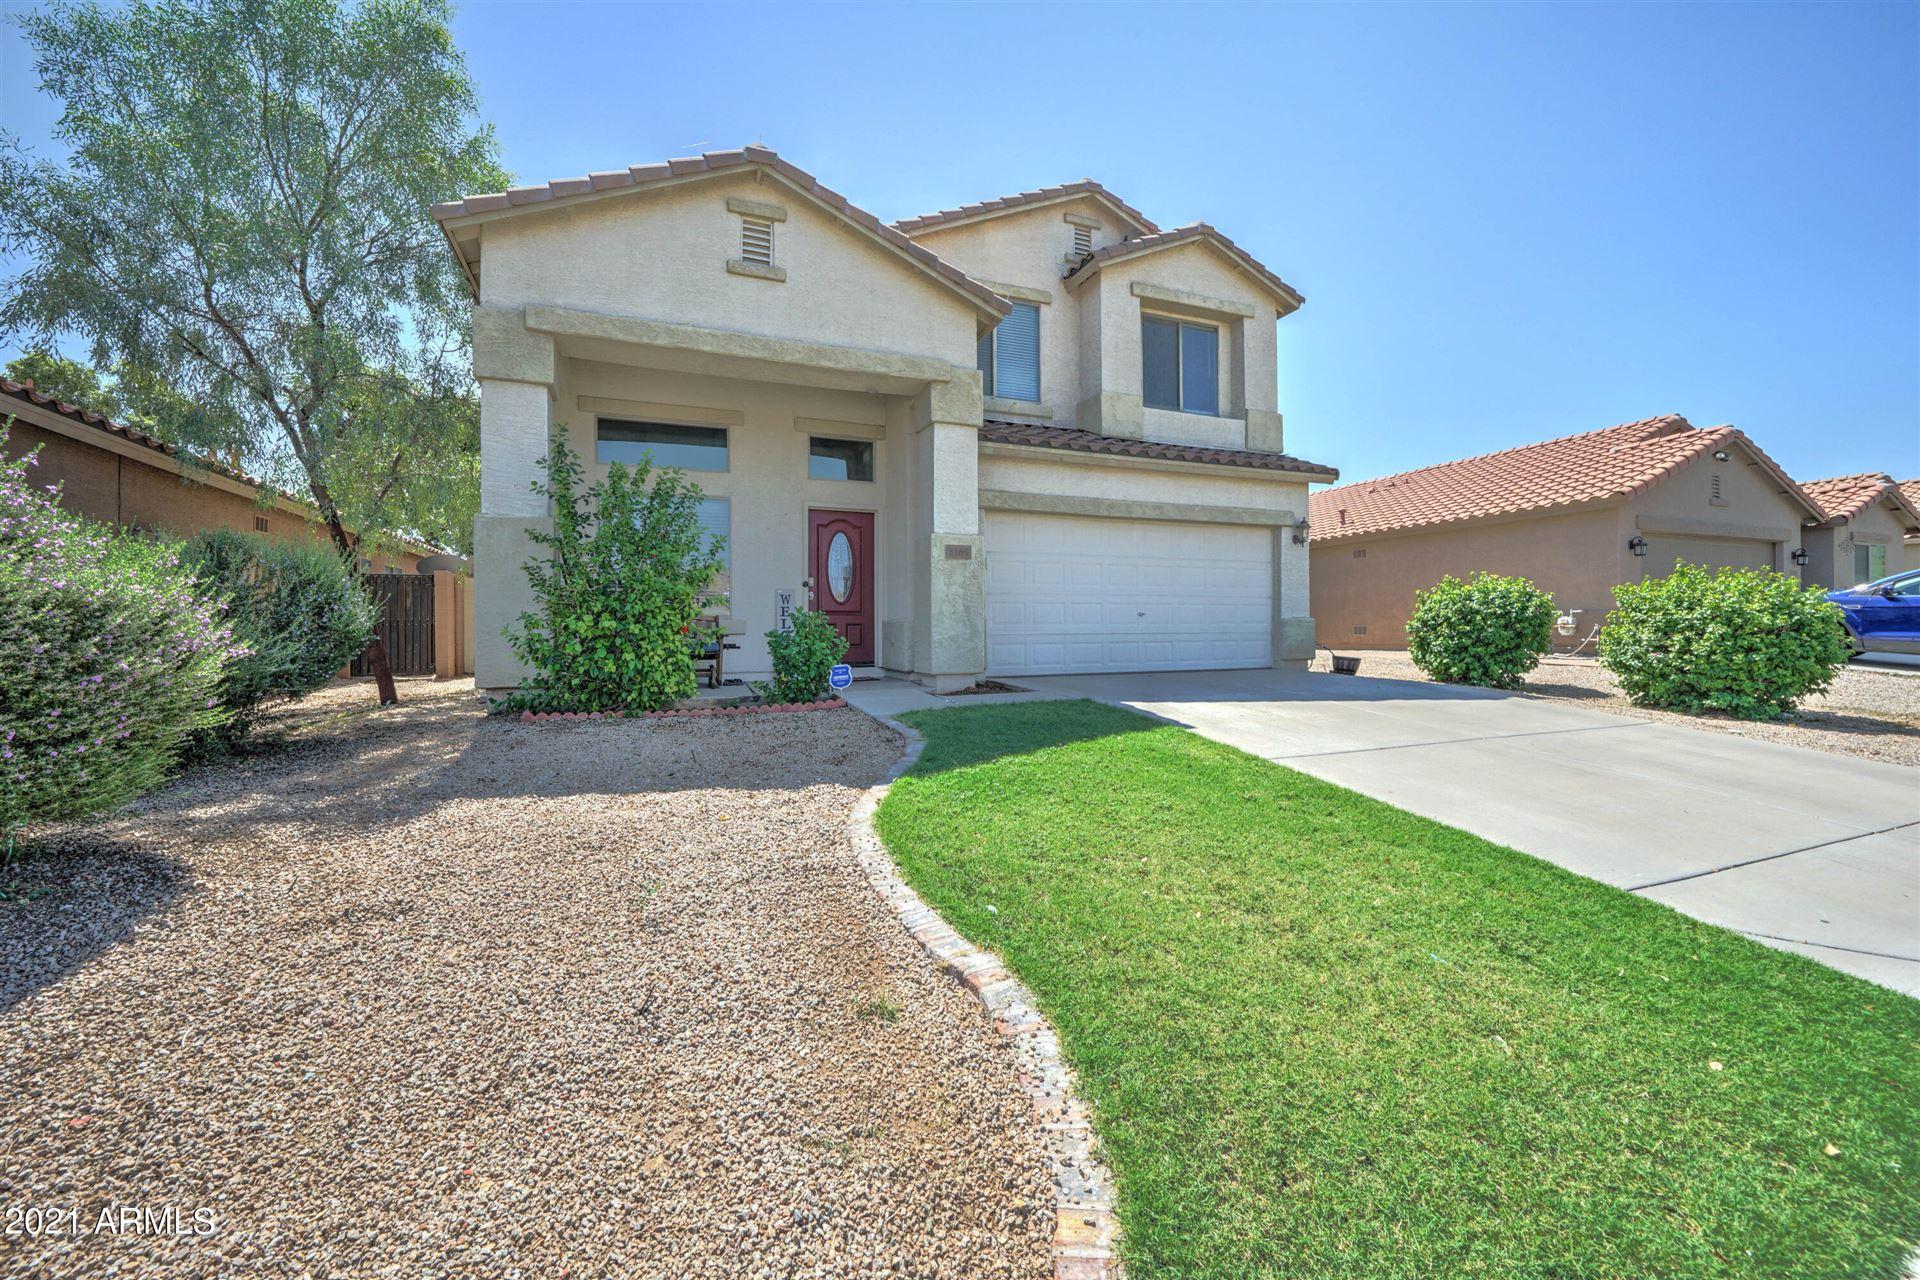 Photo of 3165 W ALLENS PEAK Drive, Queen Creek, AZ 85142 (MLS # 6288565)